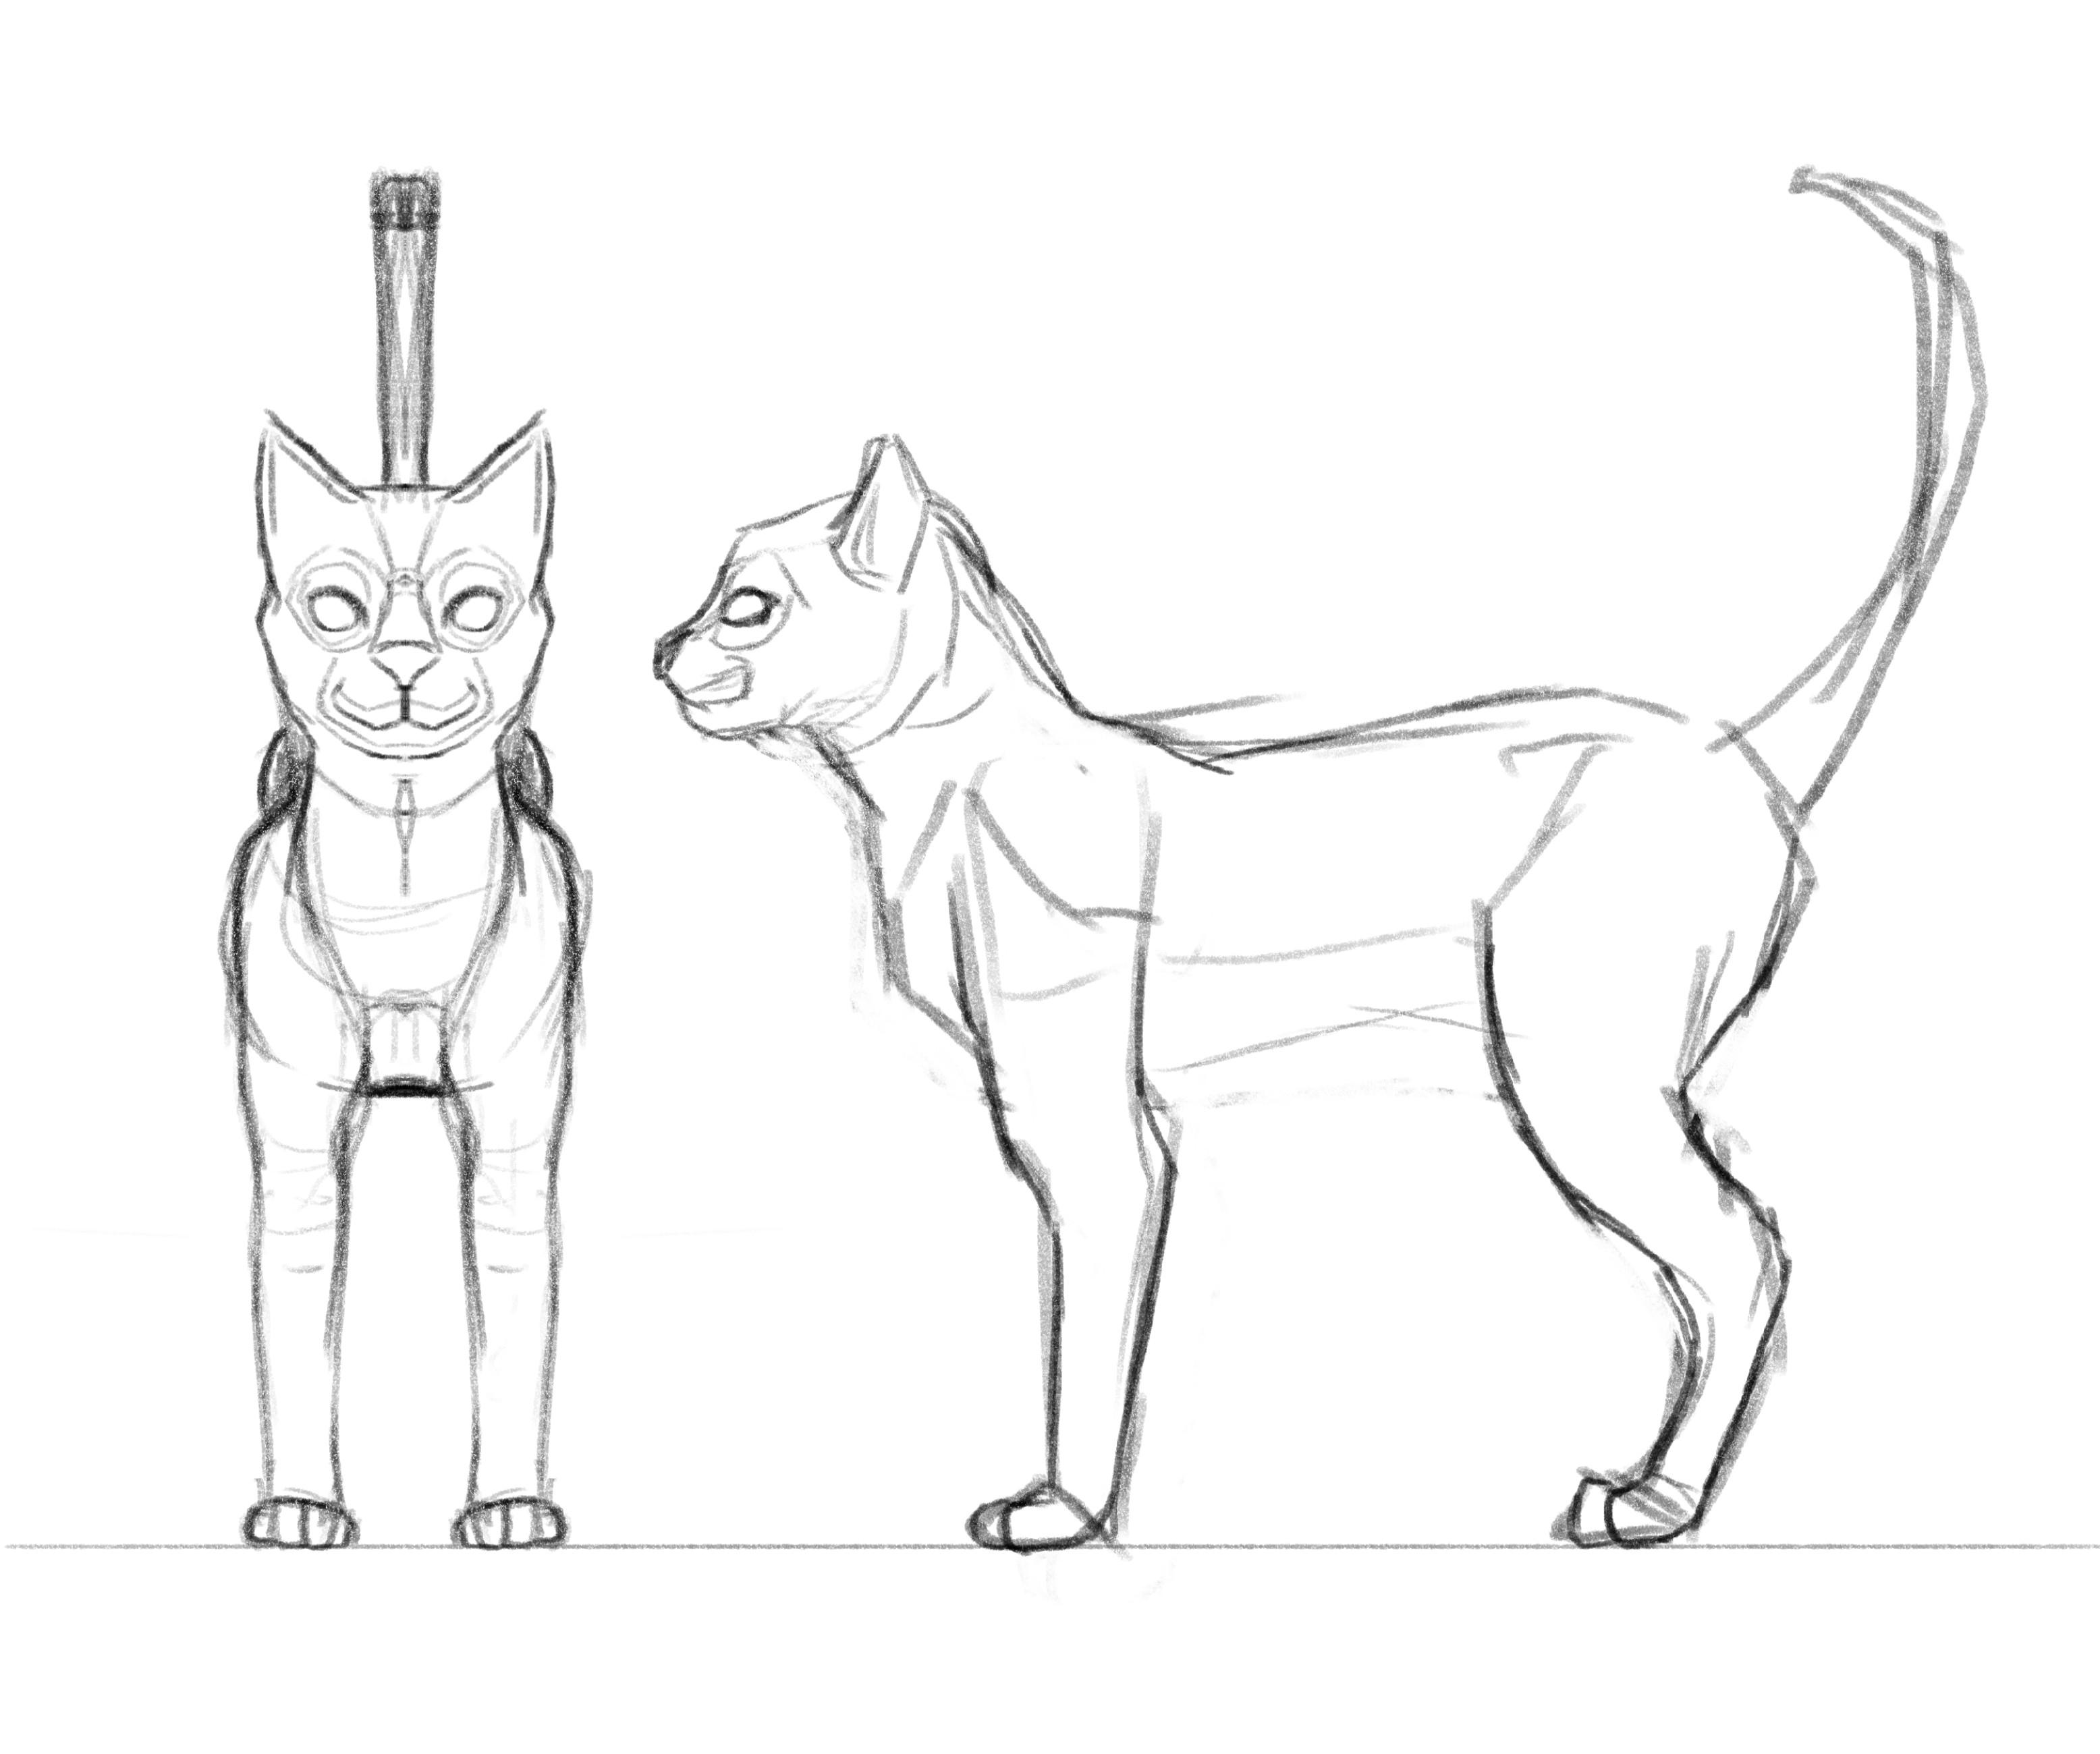 Cat Initial Concept